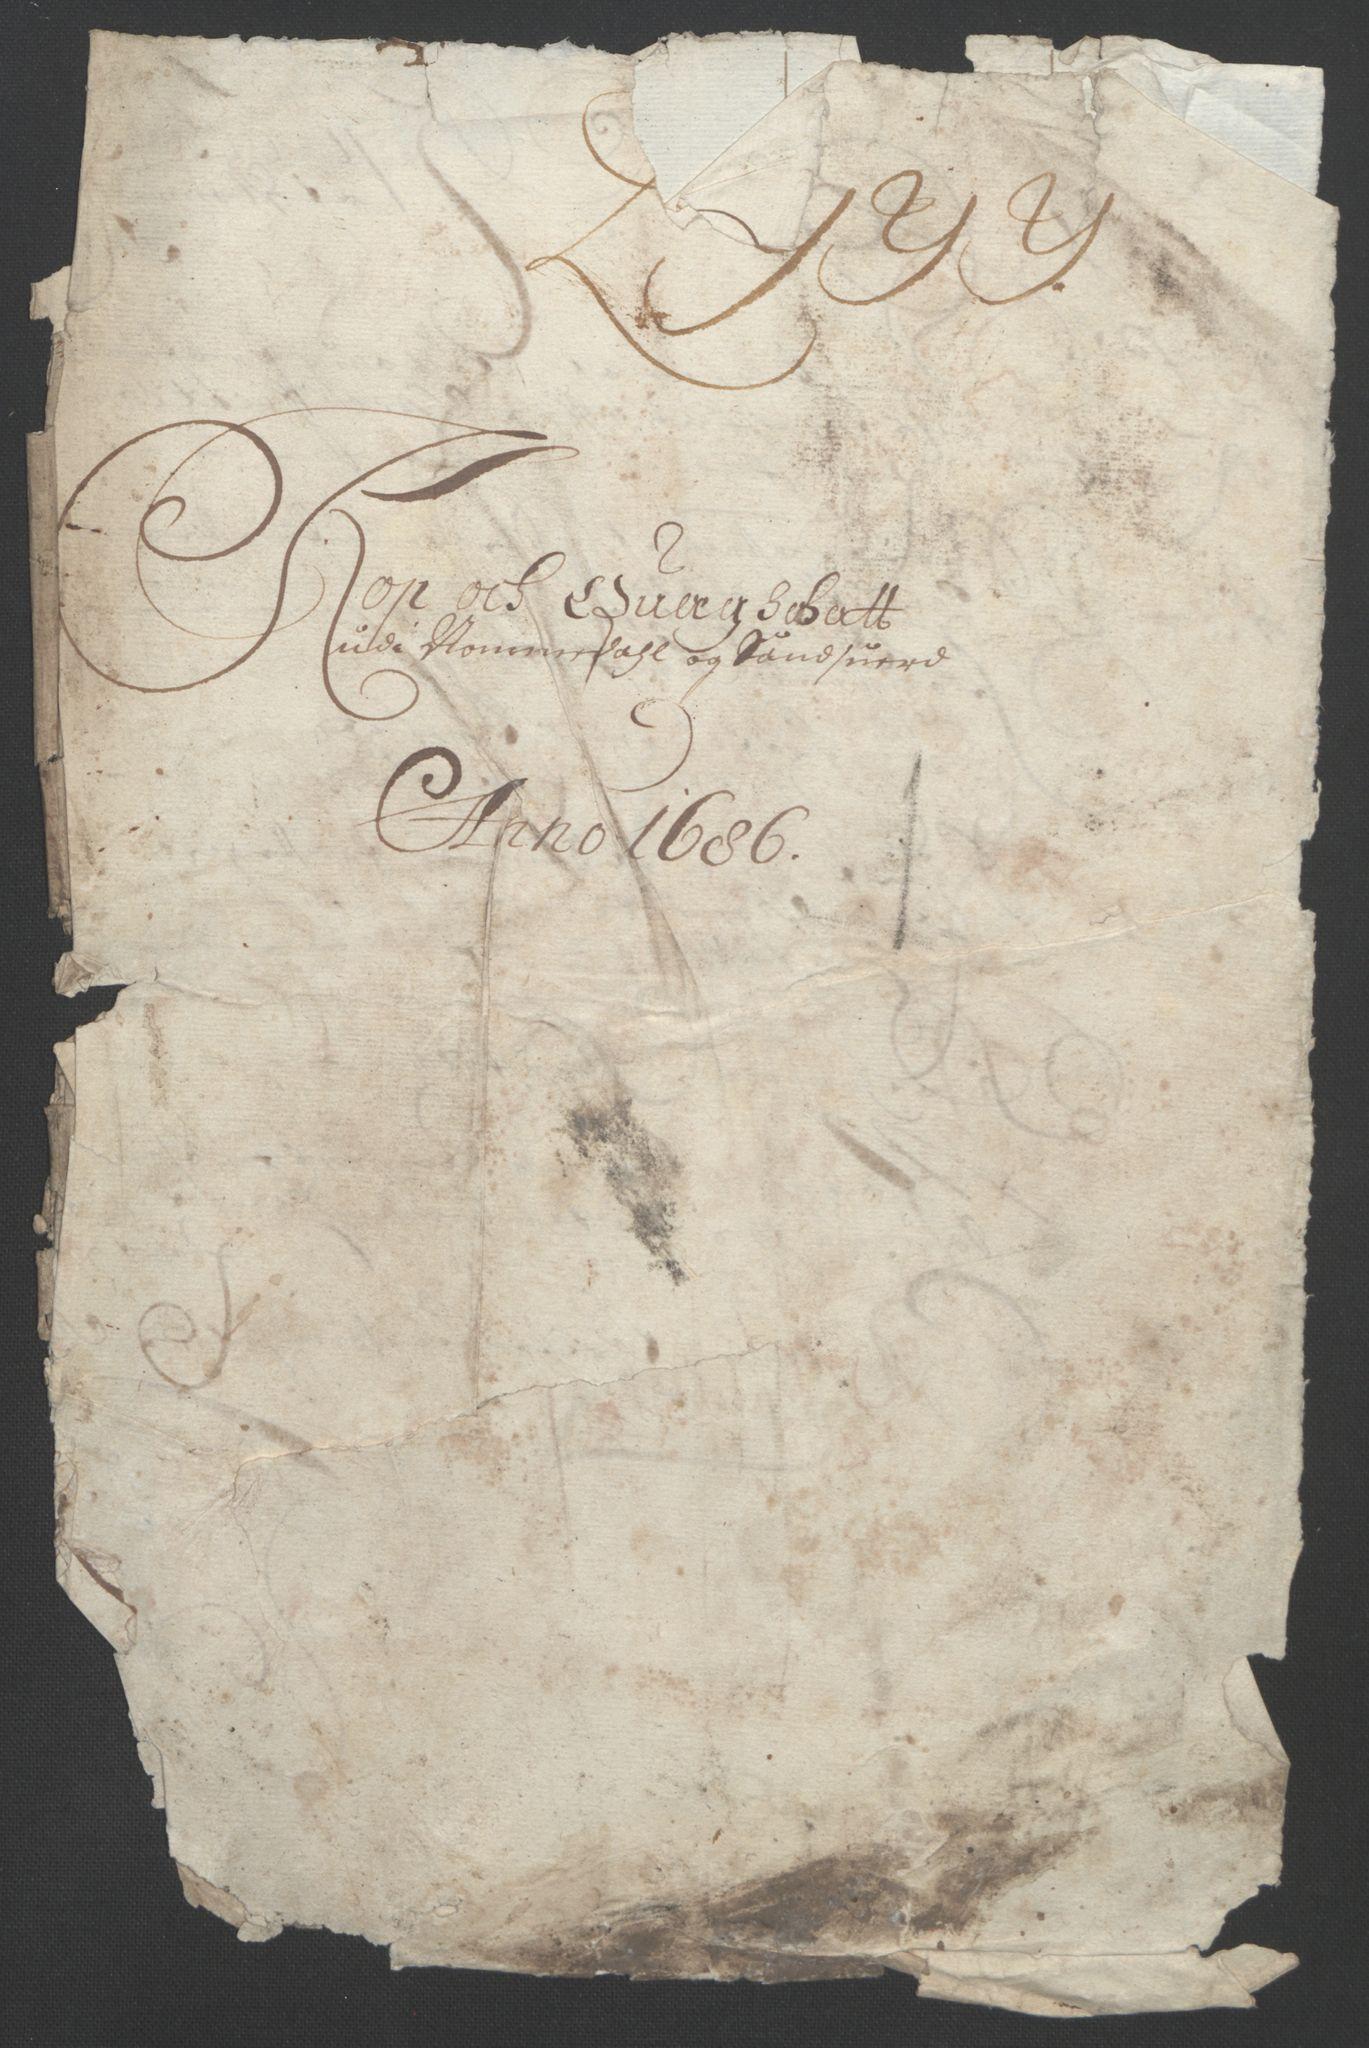 RA, Rentekammeret inntil 1814, Reviderte regnskaper, Fogderegnskap, R24/L1572: Fogderegnskap Numedal og Sandsvær, 1679-1686, s. 184